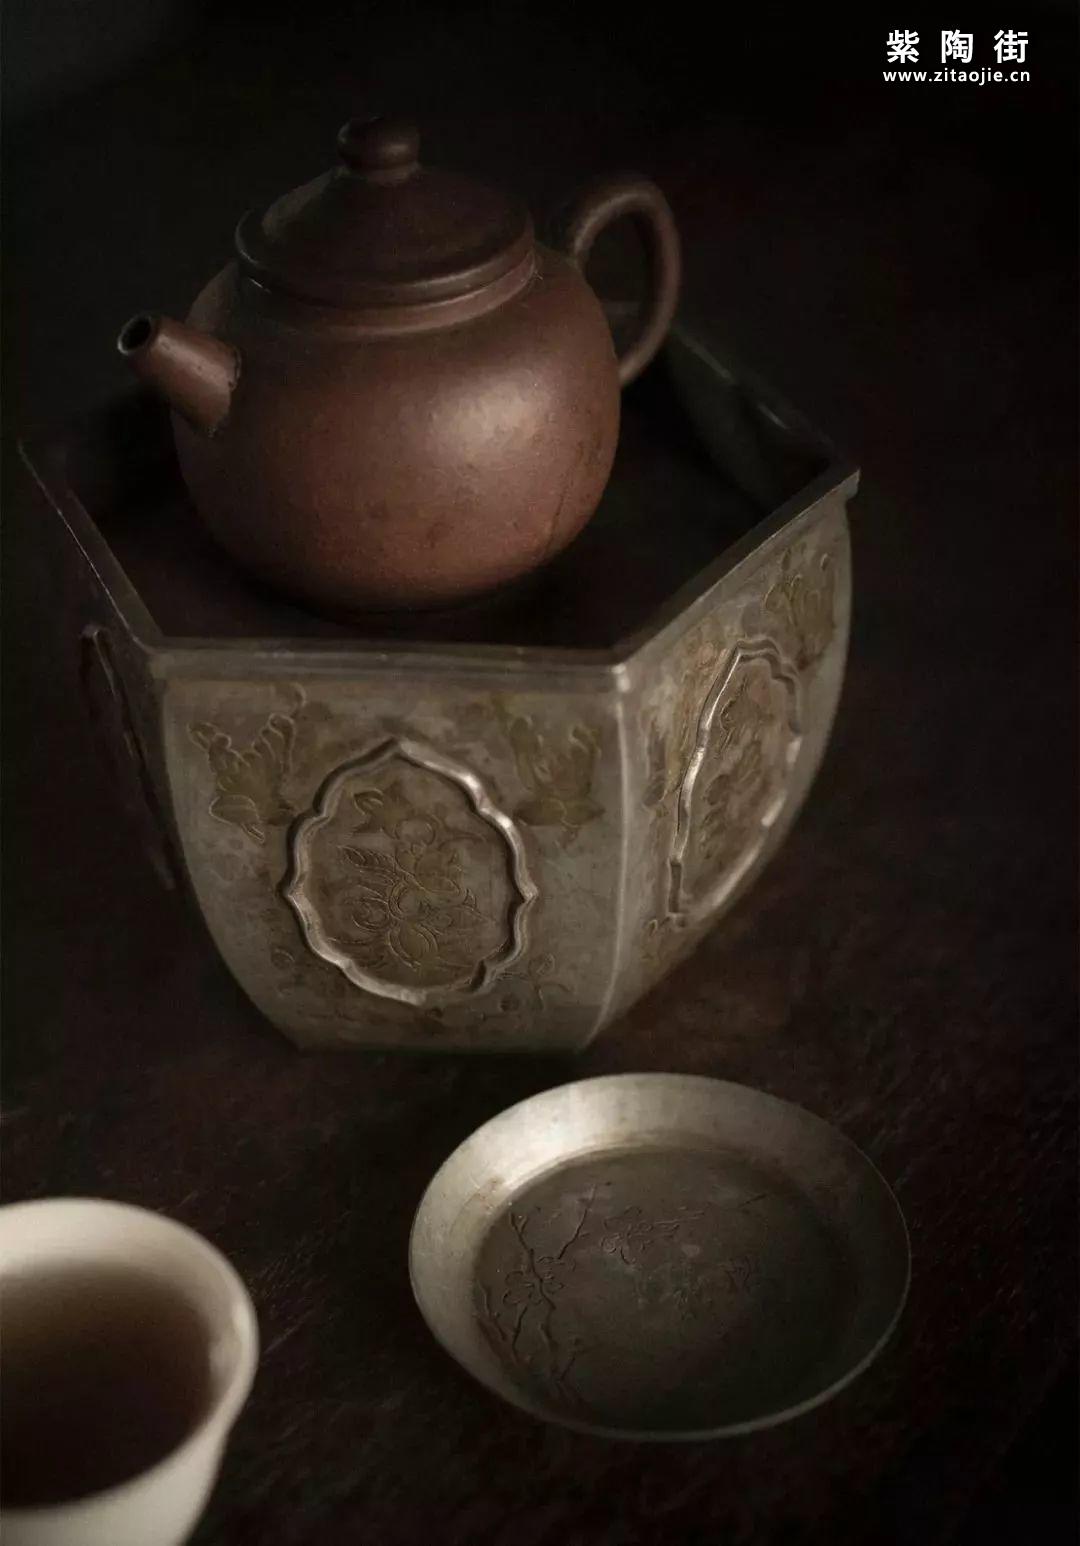 新茶茶香去哪儿了?老茶甜味哪里来?插图2